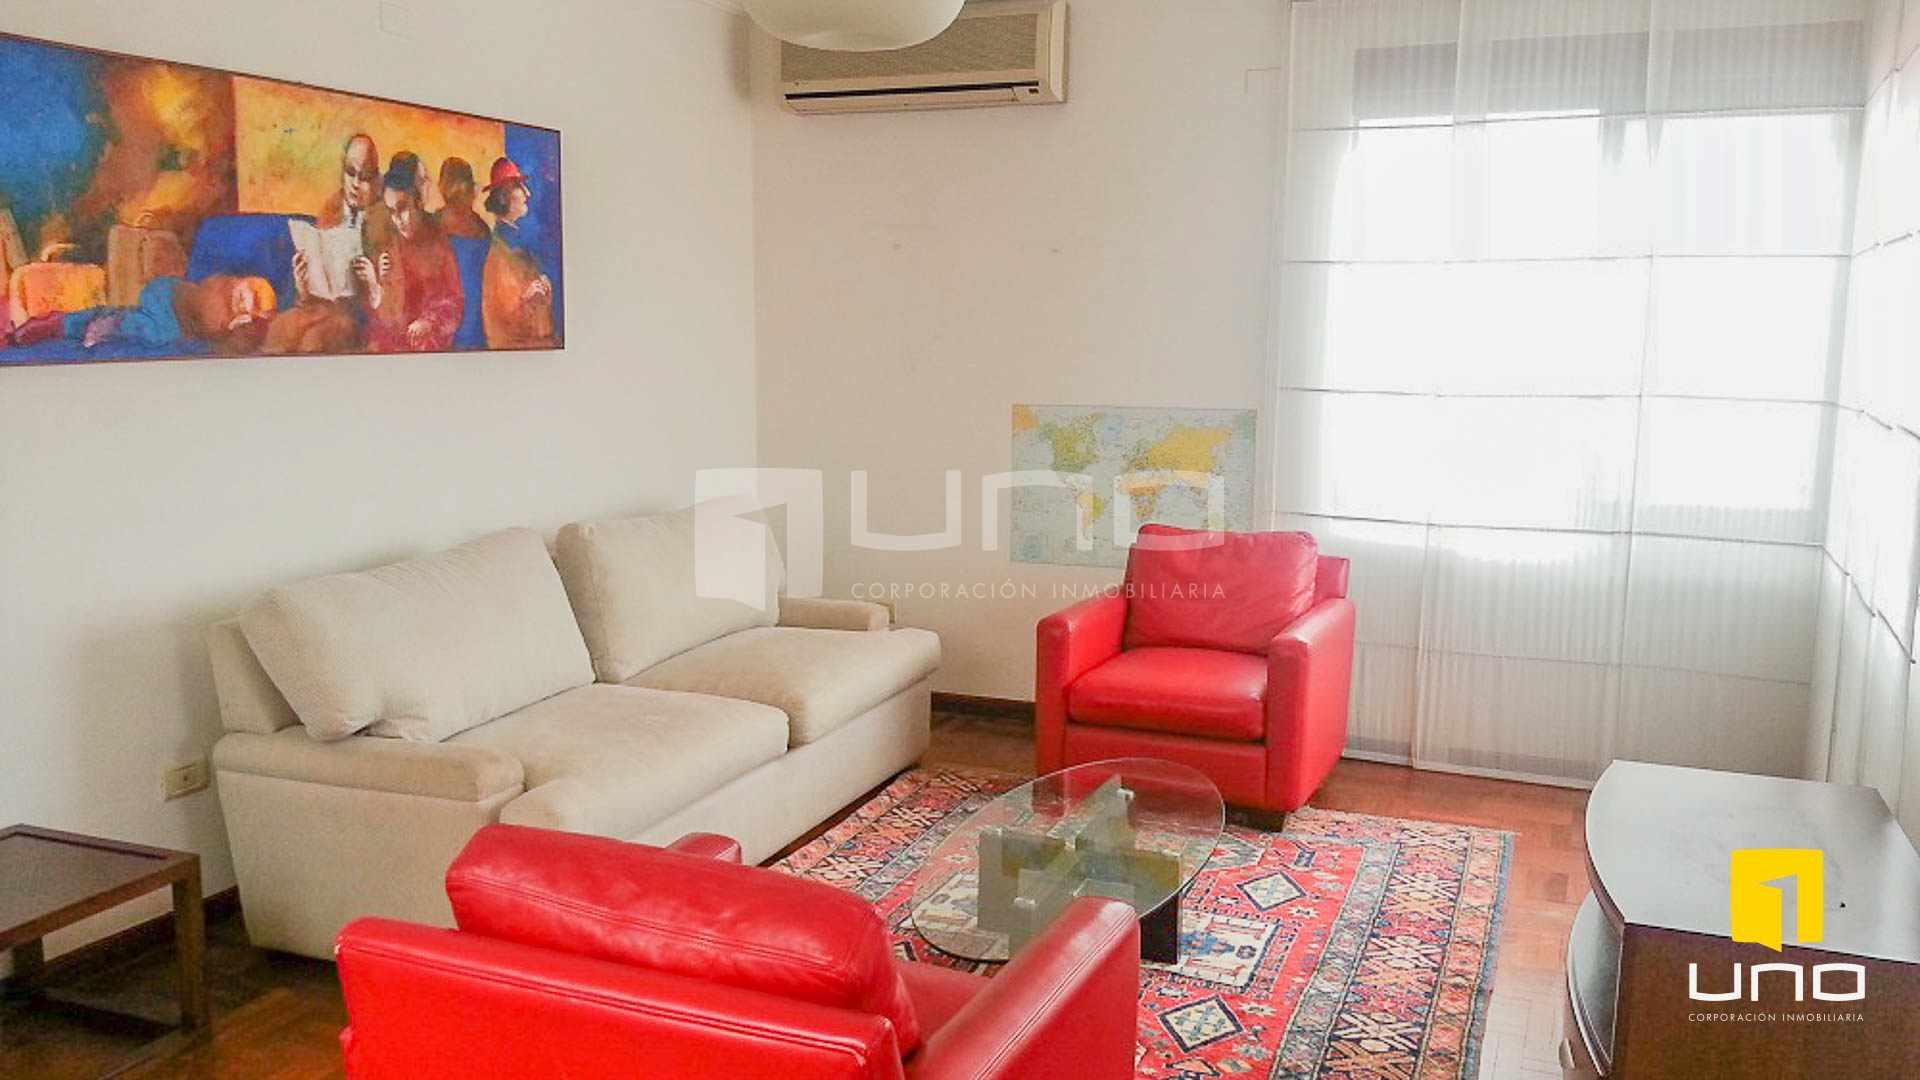 Casa en Alquiler Barrio Las Palmas alquilo amplia casa  con muebles y piscina Foto 15